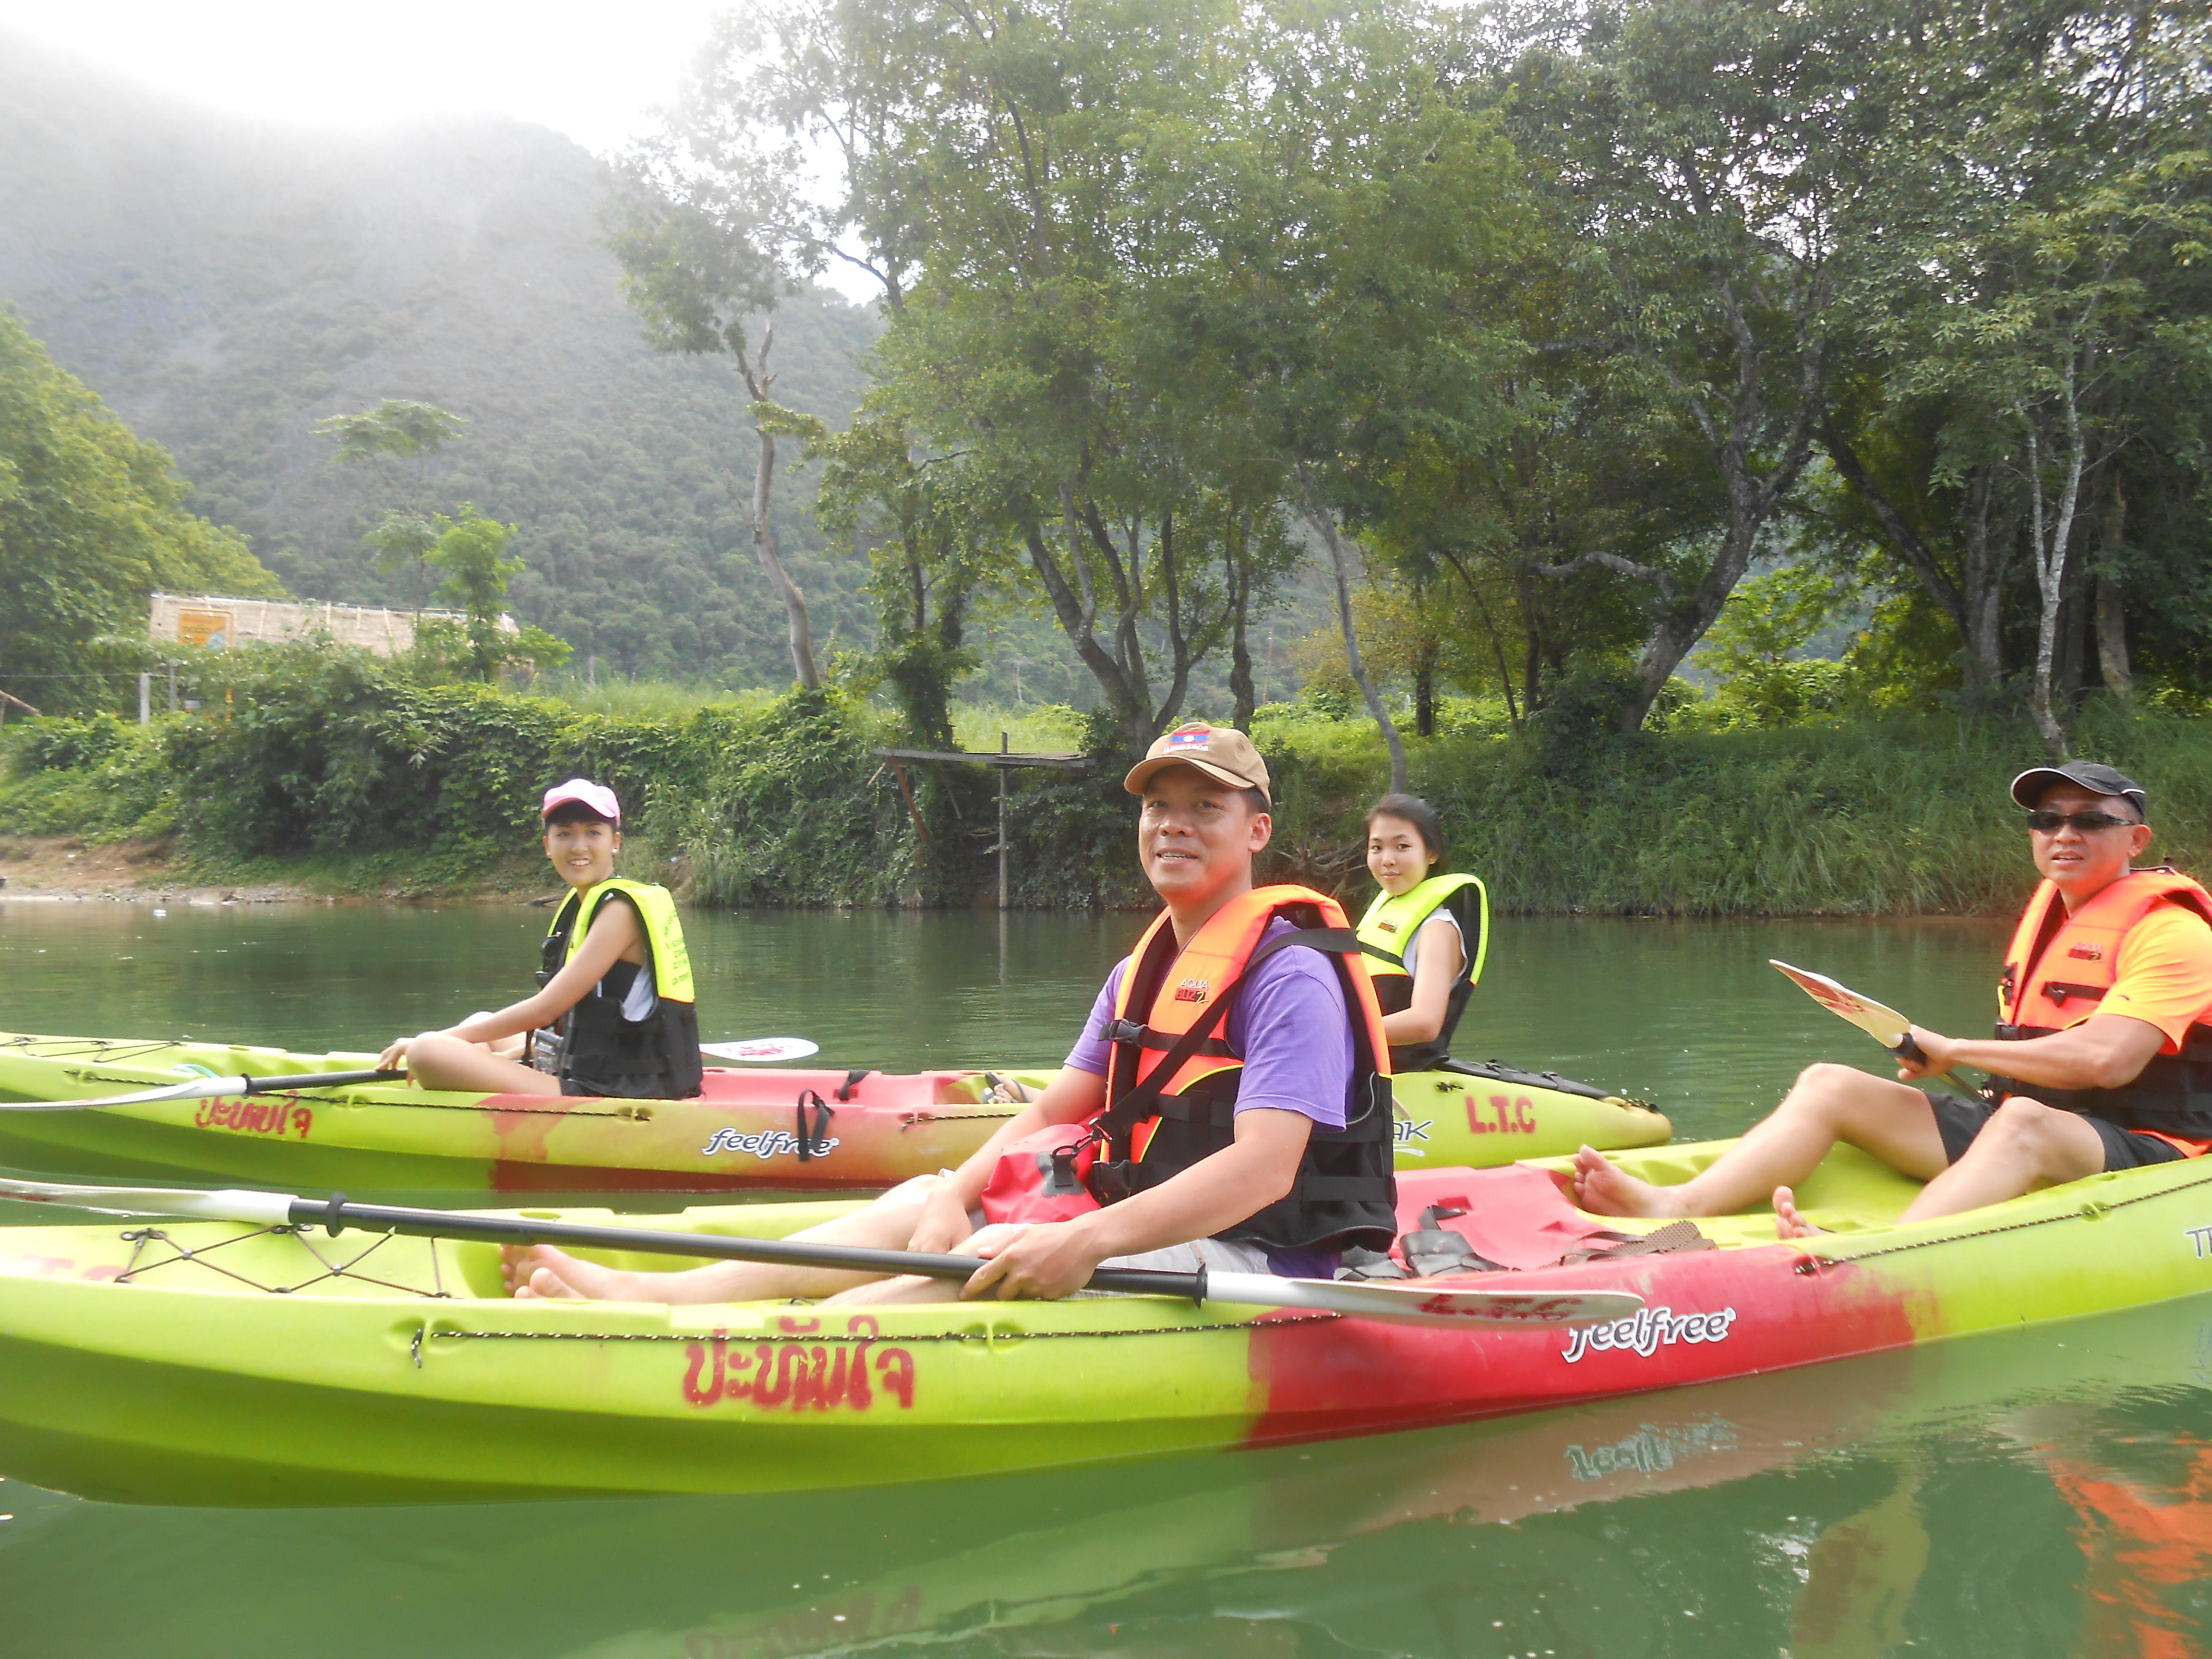 Kayaking in River Namxong